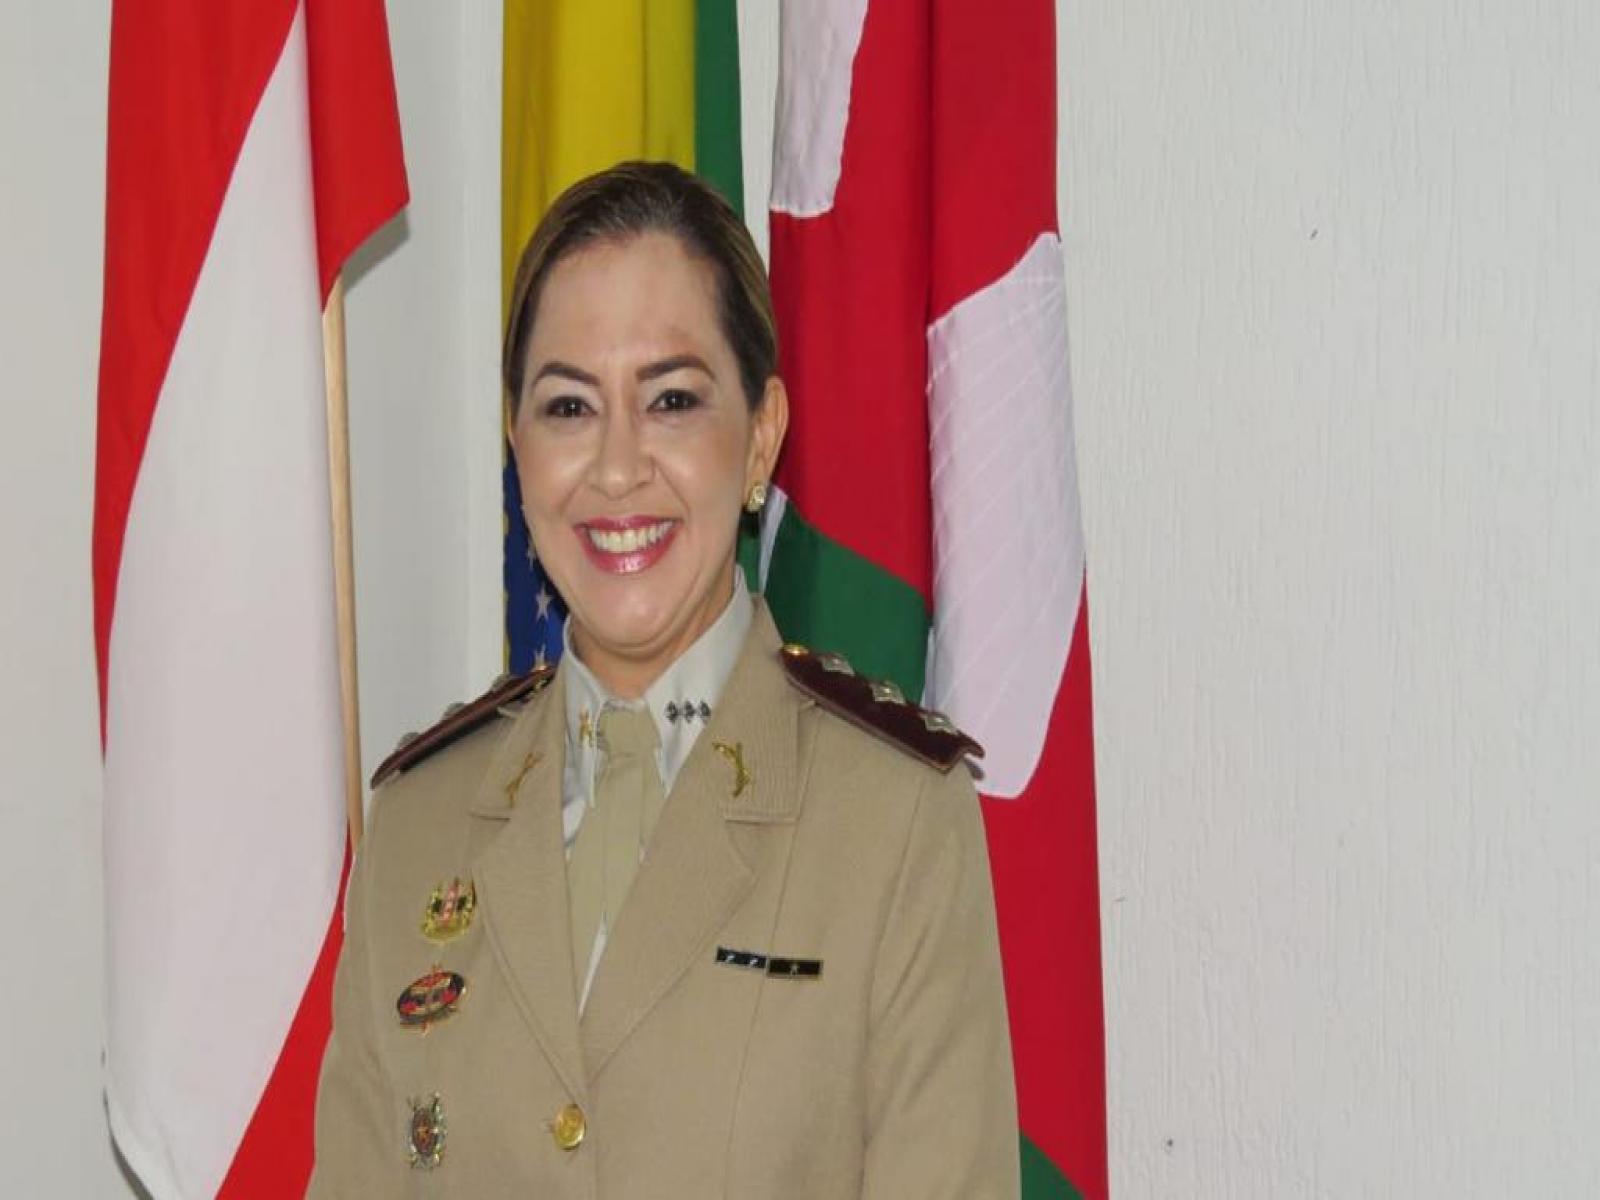 Capitã PM Poliana, comandante da 71ª CIPM foi contemplada com Medalha Mérito São Joaquim do estado de Roraima